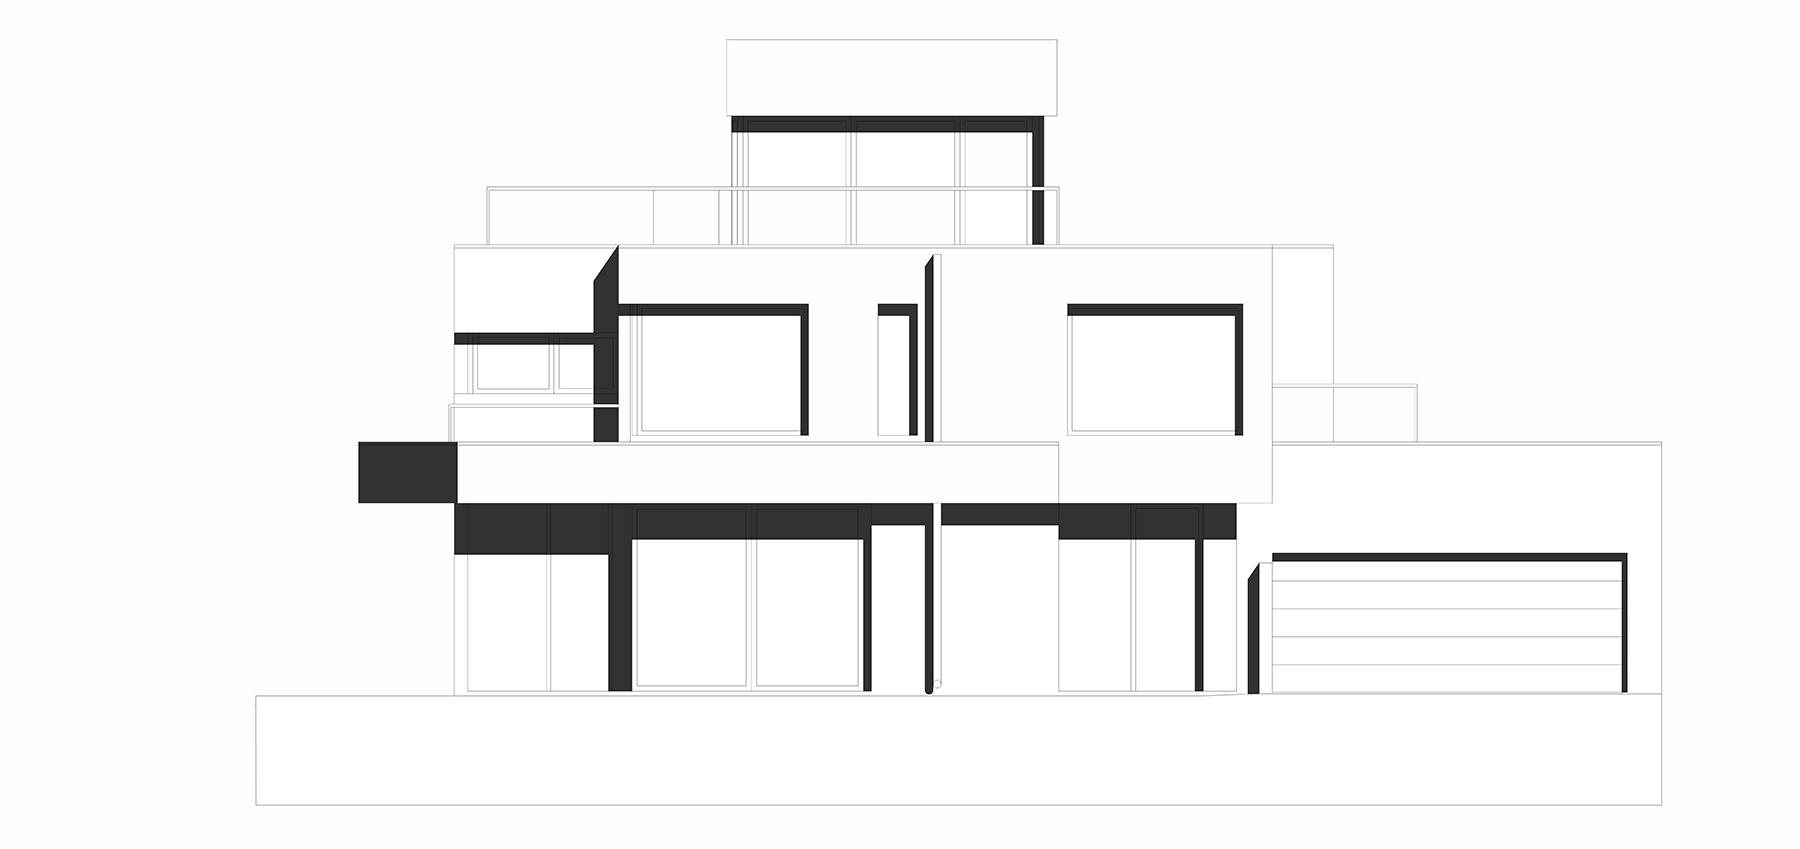 wunschhaus-haus-k14-Ansicht-mit-Schatten